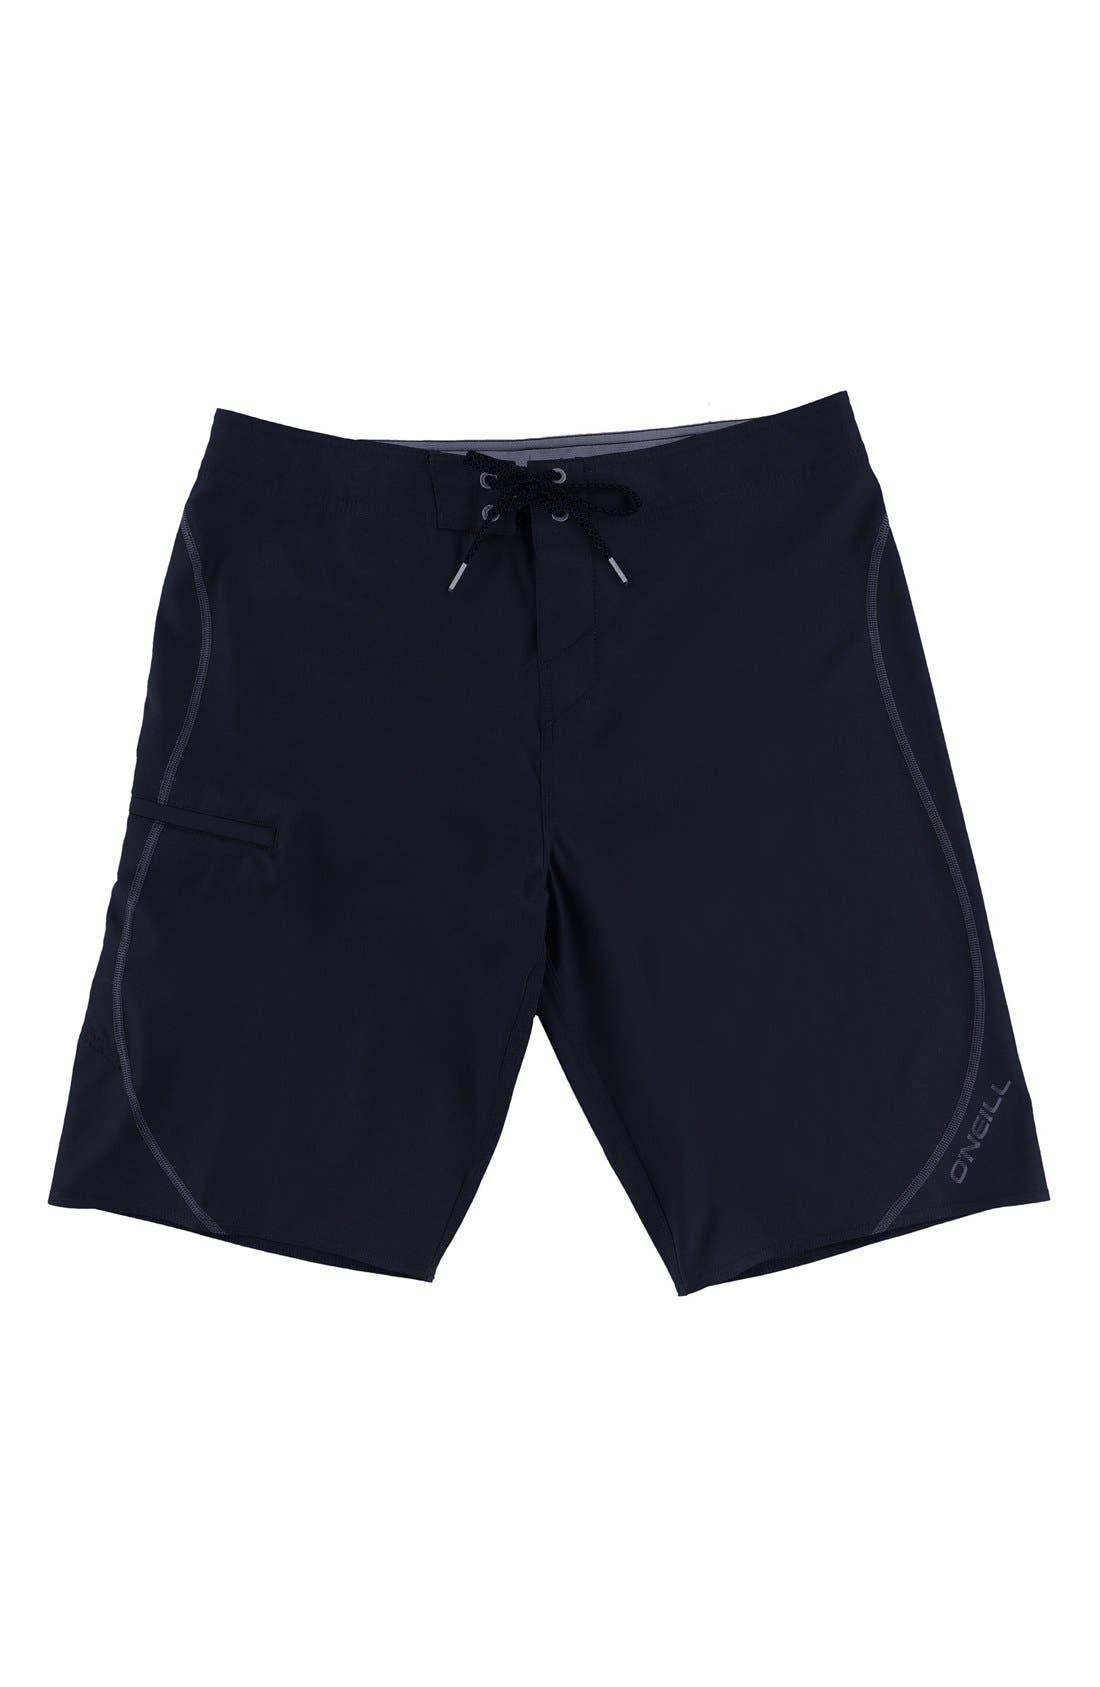 O'Neill Hyperfreak S-Seam Stretch Board Shorts (Big Boys)